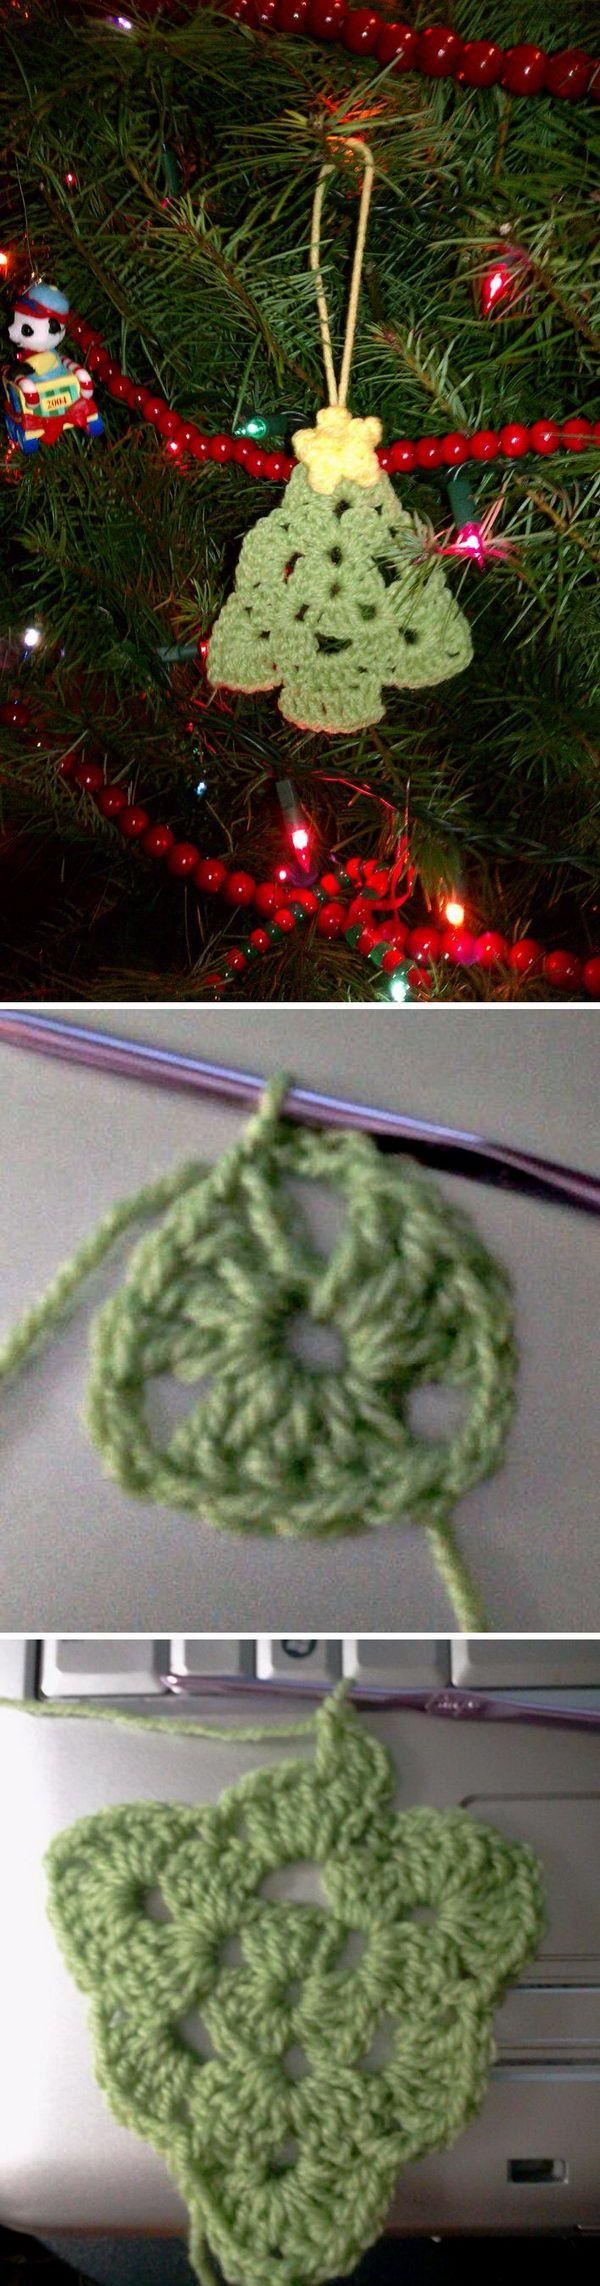 Asombroso Patata Crochet Patrón Bufanda De Chip Motivo - Ideas de ...